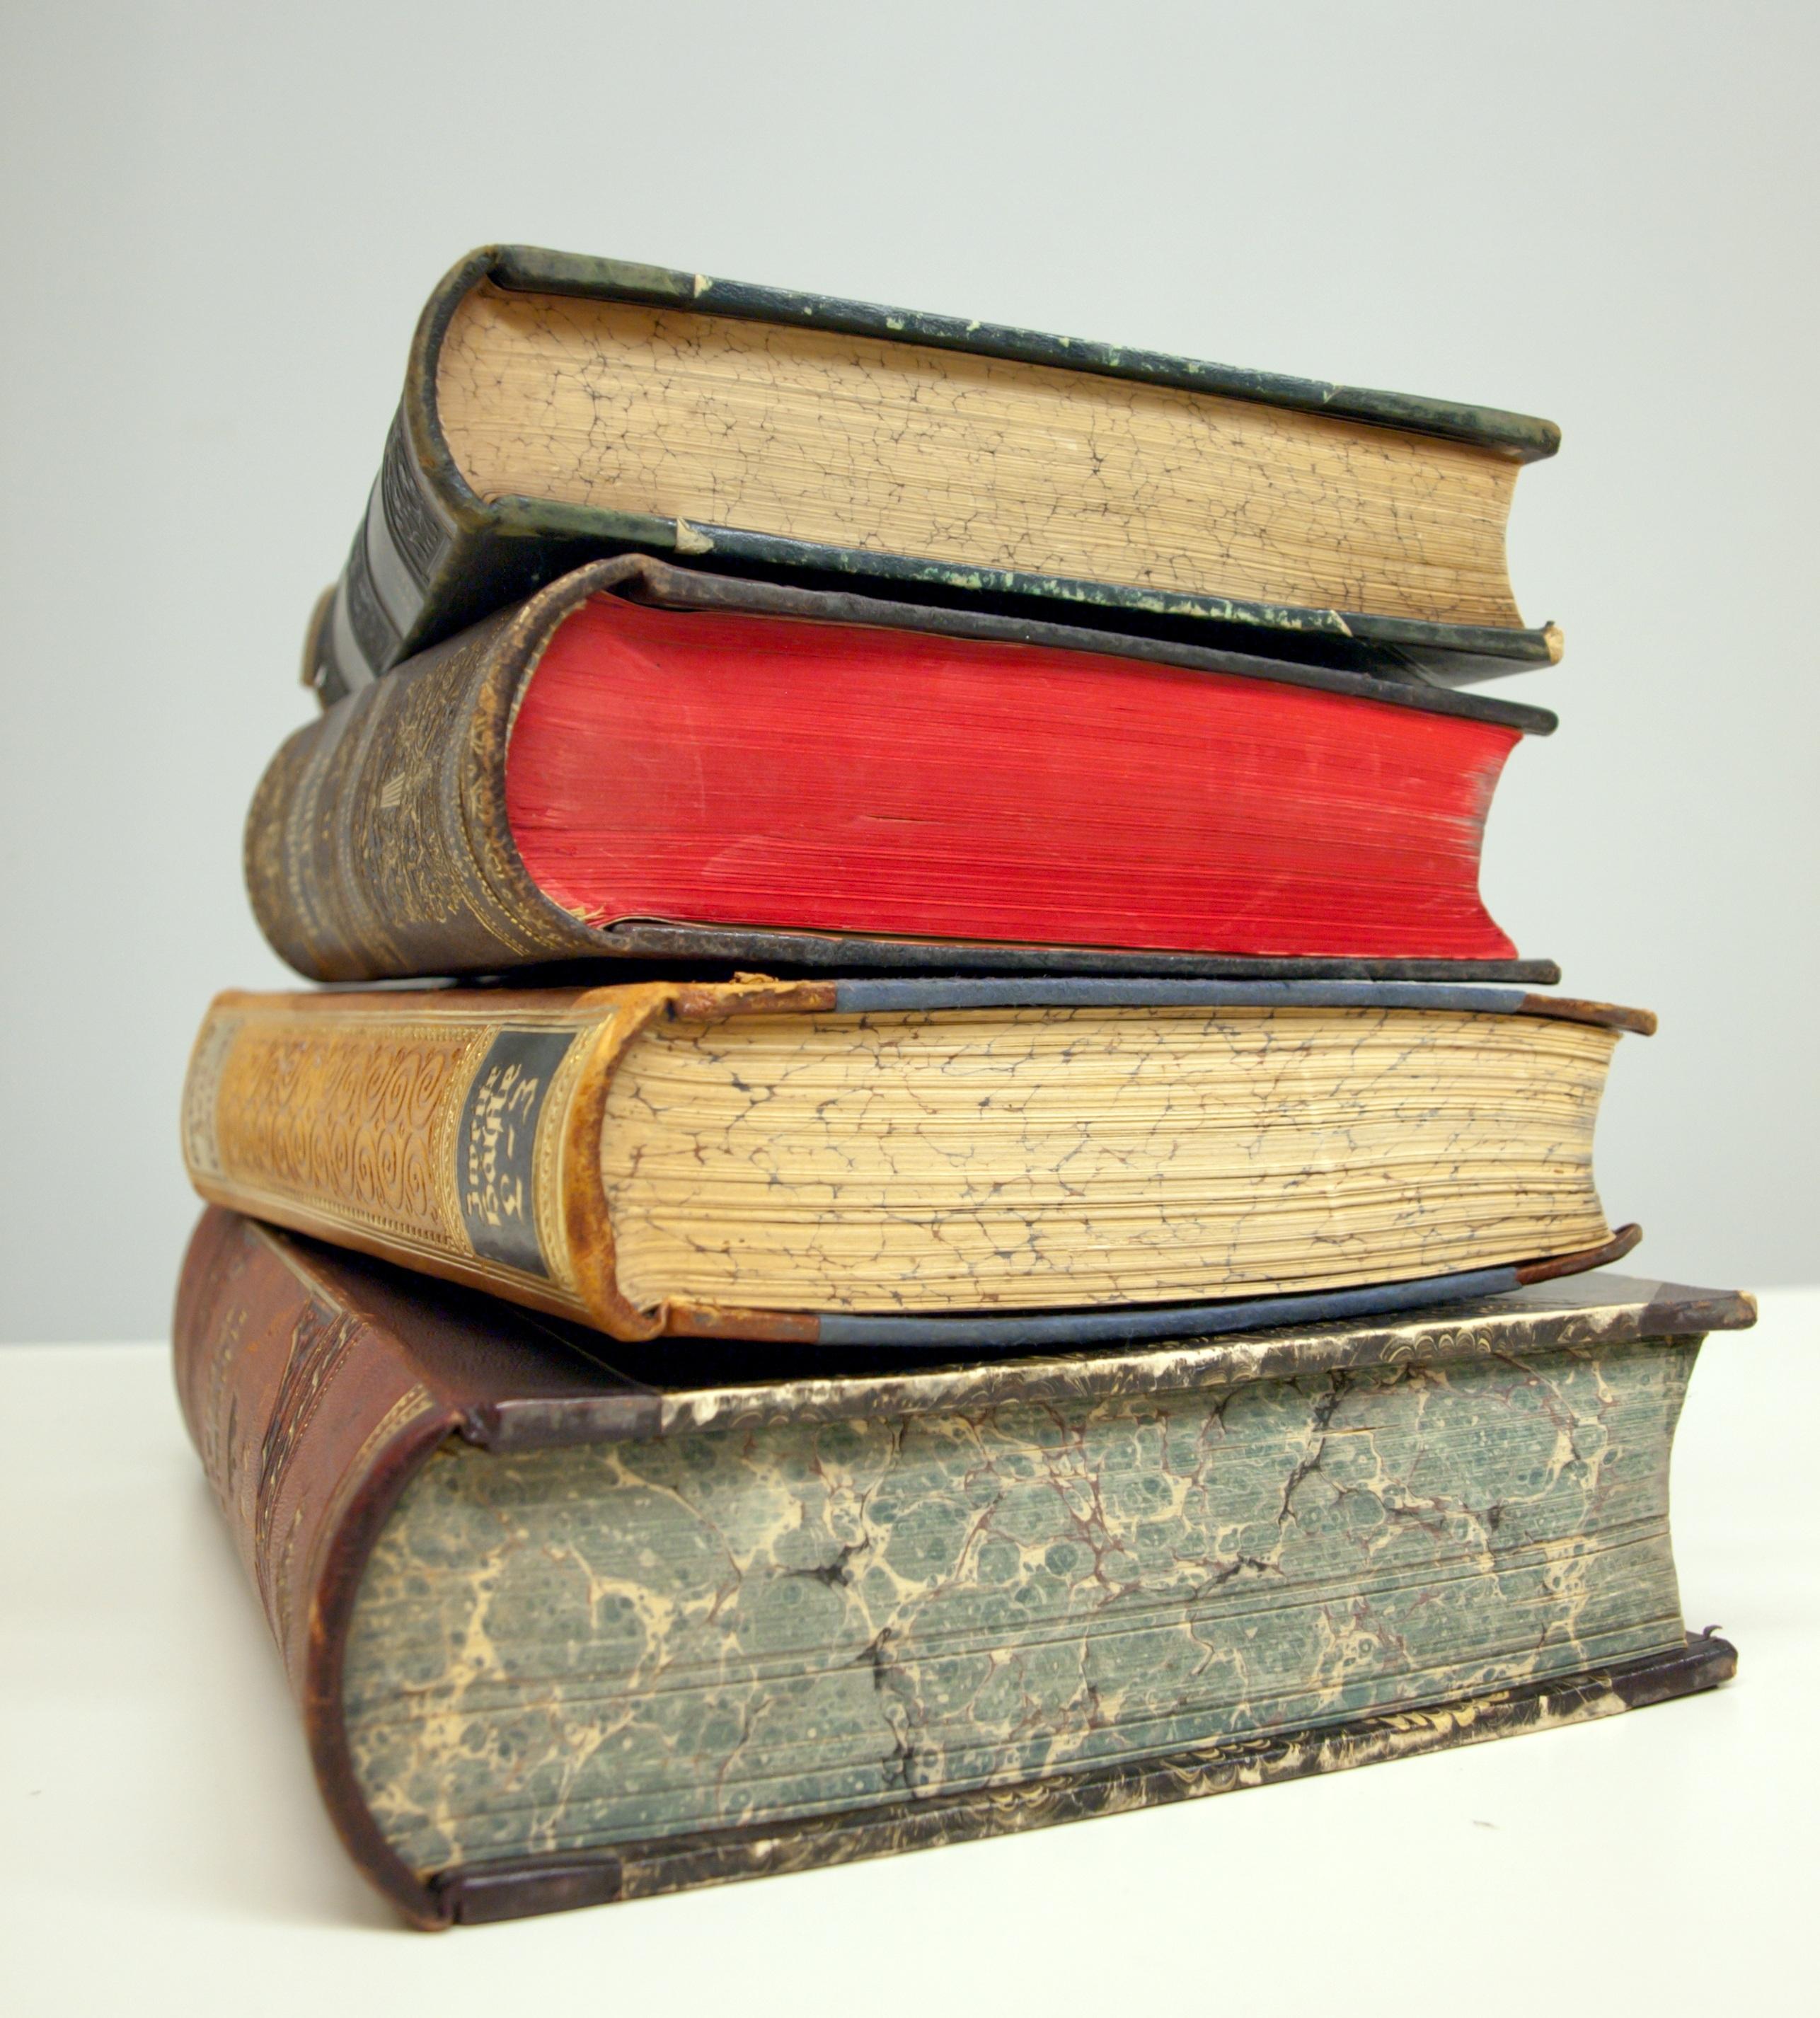 Бумага стопки книг картинки елена снимком